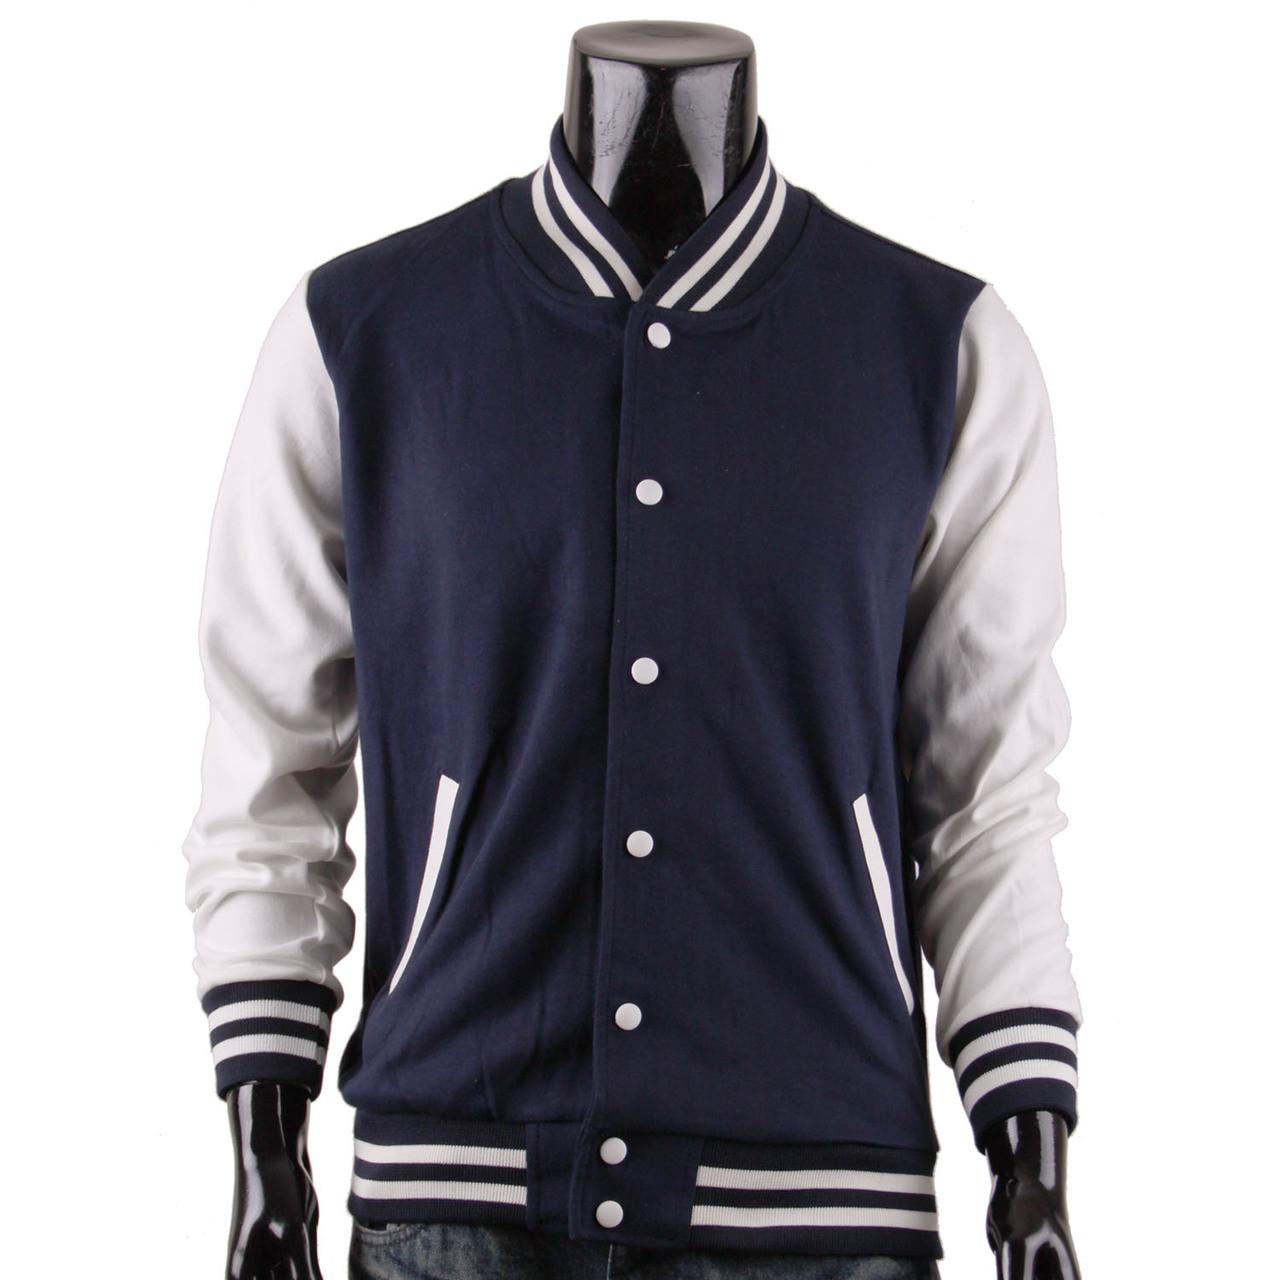 Bcpolo Baseball Jacket Varsity Jacket Cotton Jacket Navy Baseball ...